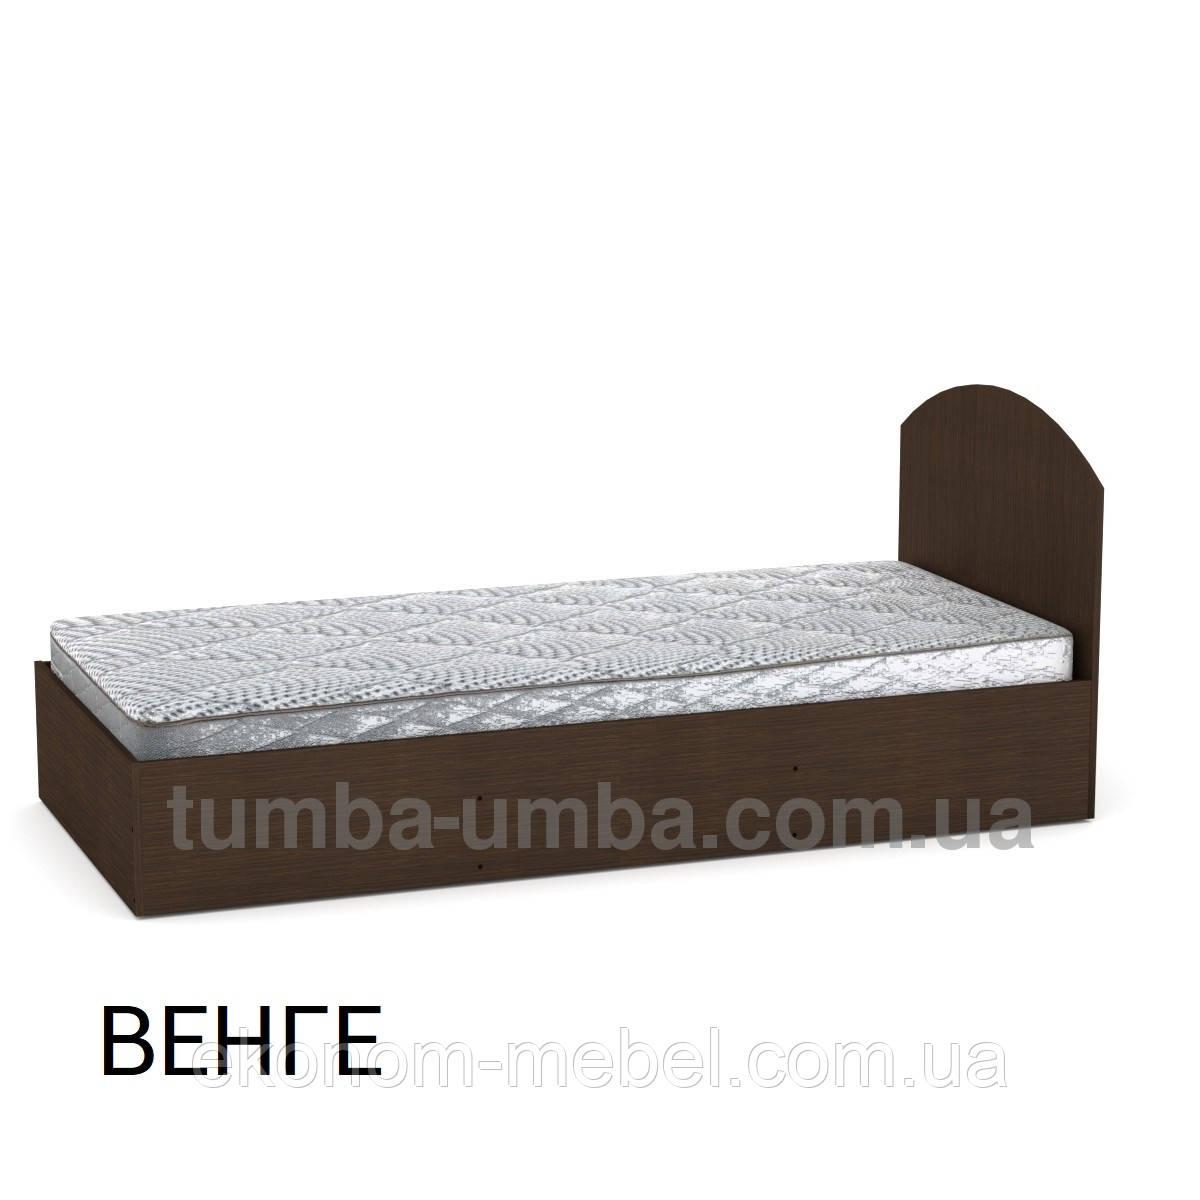 Кровать-90 ДСП односпальная с нишей для белья